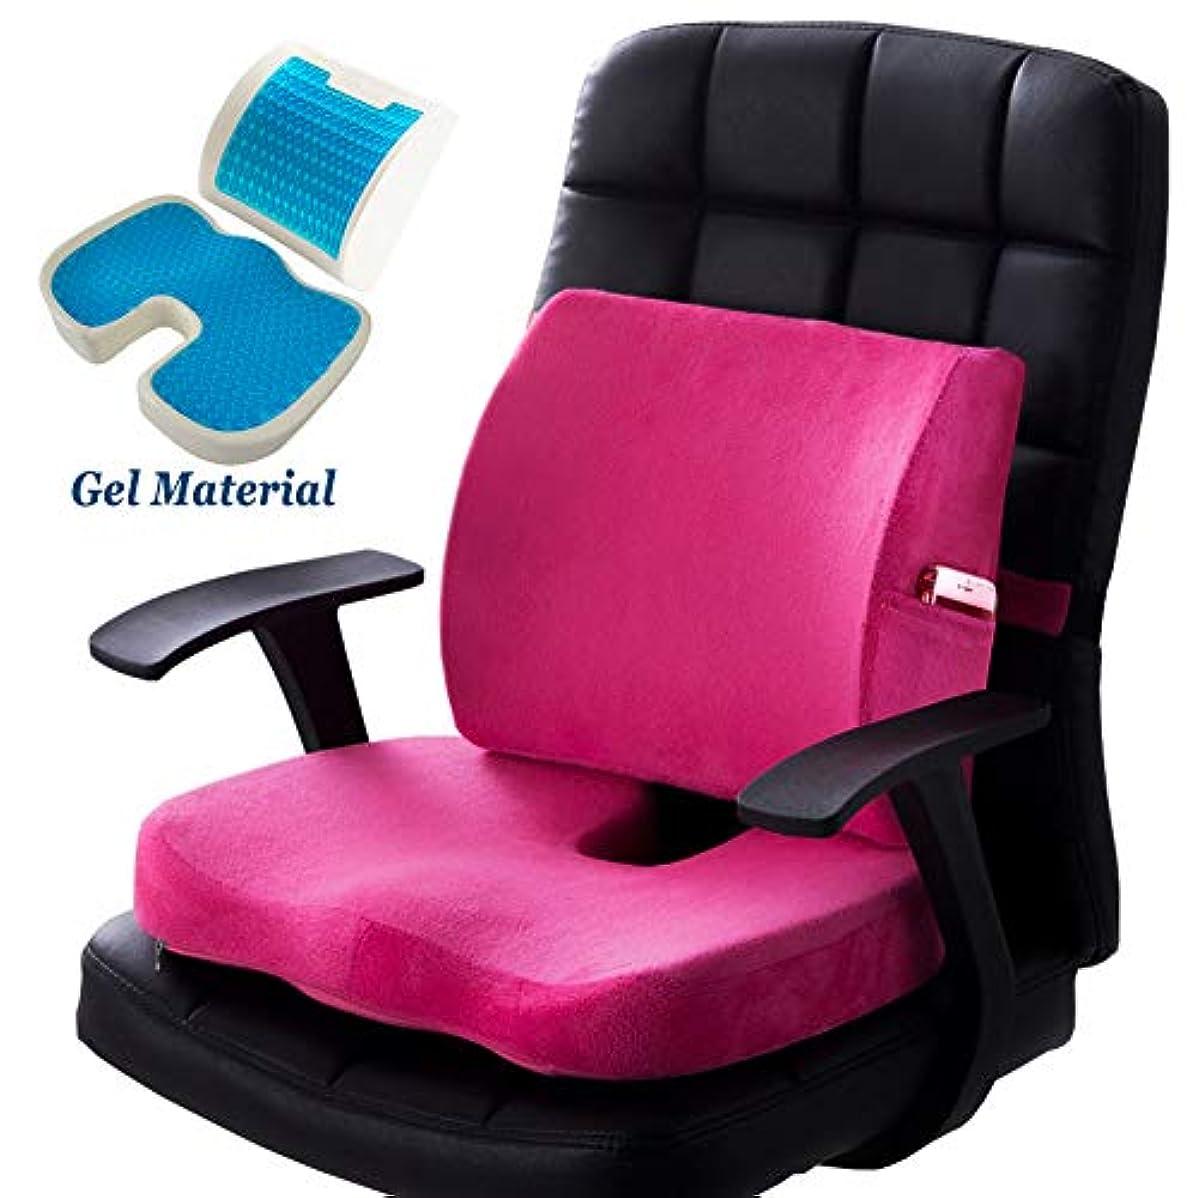 大人驚きマルクス主義者シートクッションと腰用クッションセット,ファッション低反発フォーム/ジェルサポートバッククッション、洗えるカバー、坐骨神経痛の痛みを軽減,PinkPlush,Gel